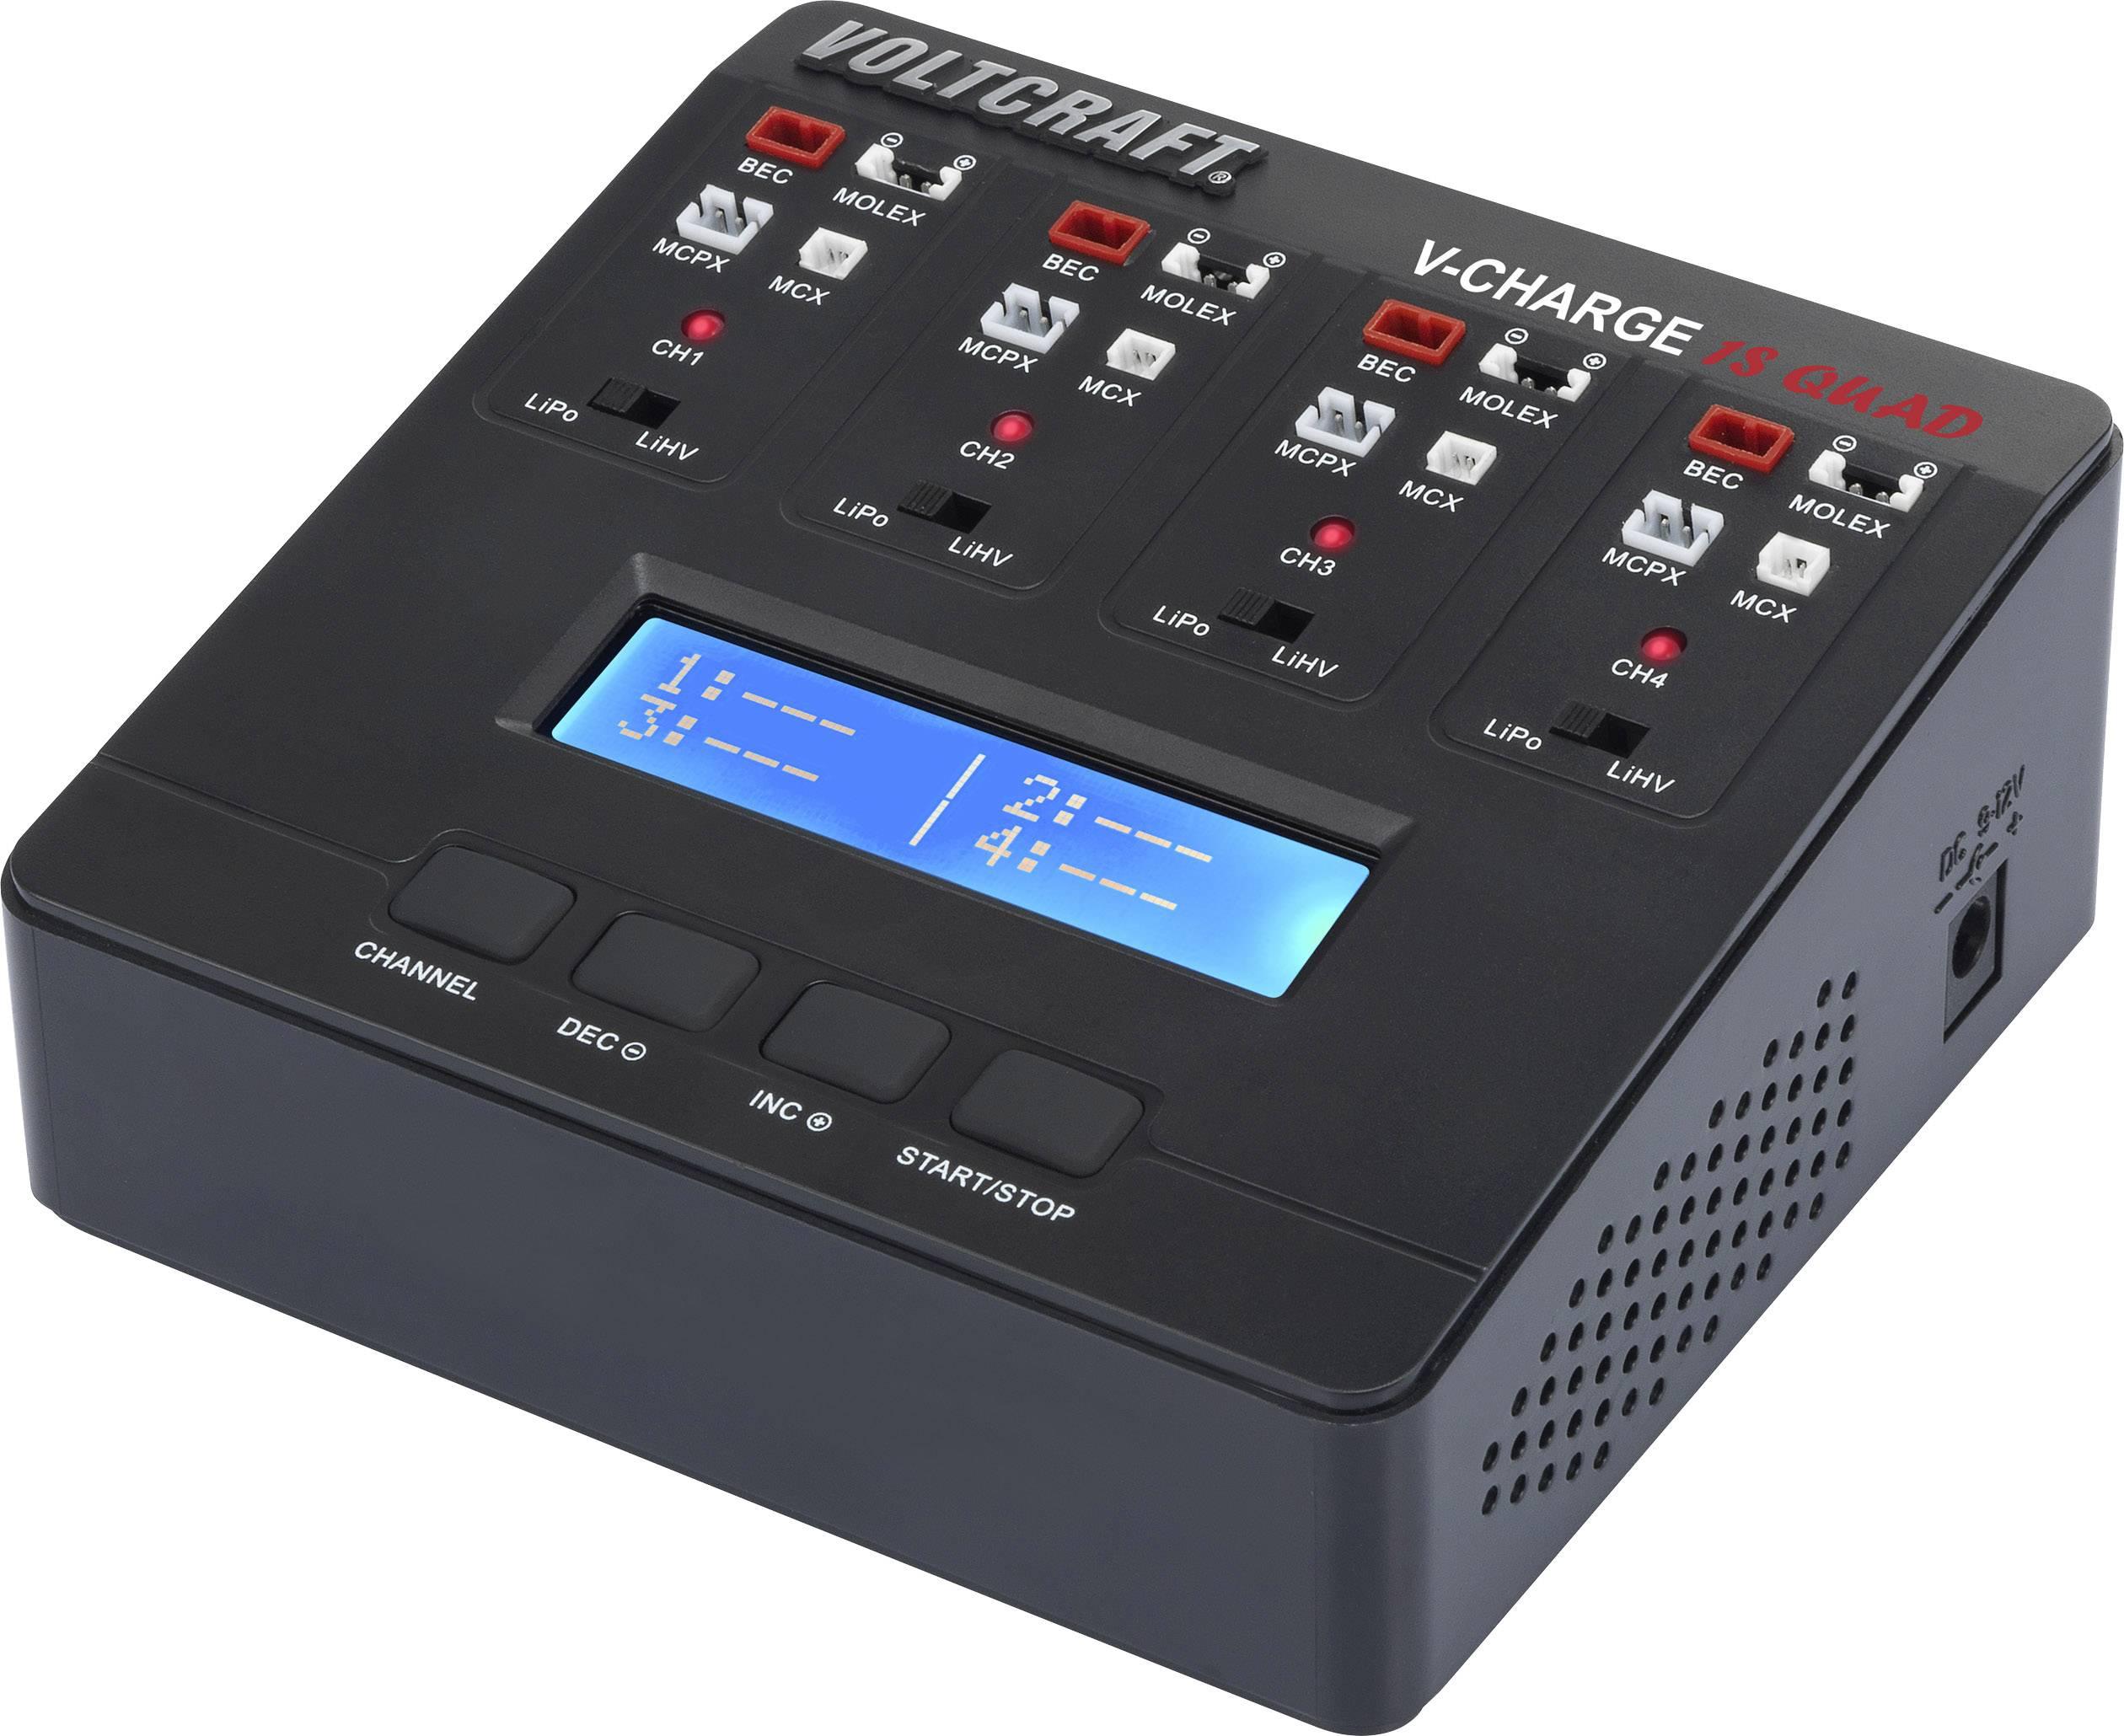 Modelárska nabíjačka VOLTCRAFT V-Charge 1S Quad 12 V, 230 V, 1 A